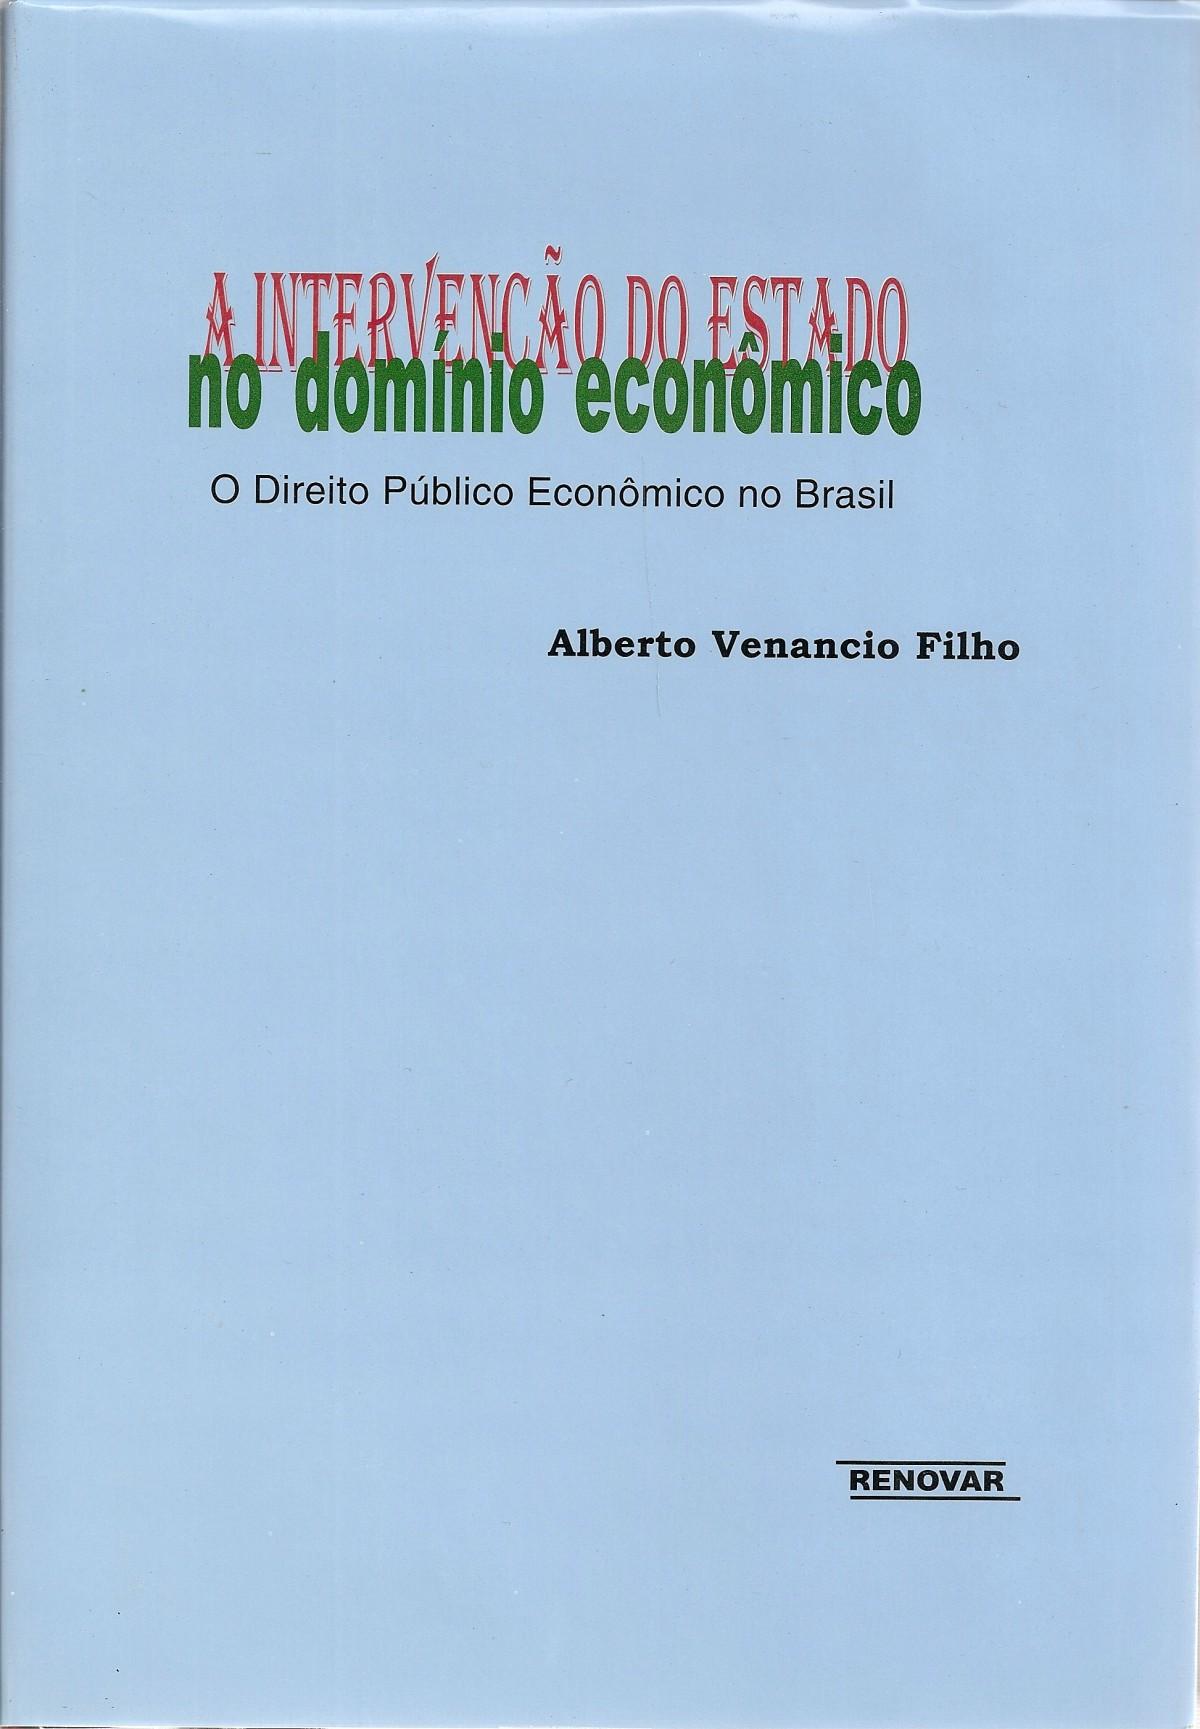 Foto 1 - A Intervenção do Estado no Domínio Econômico - O Direito Público Econômico no Brasil